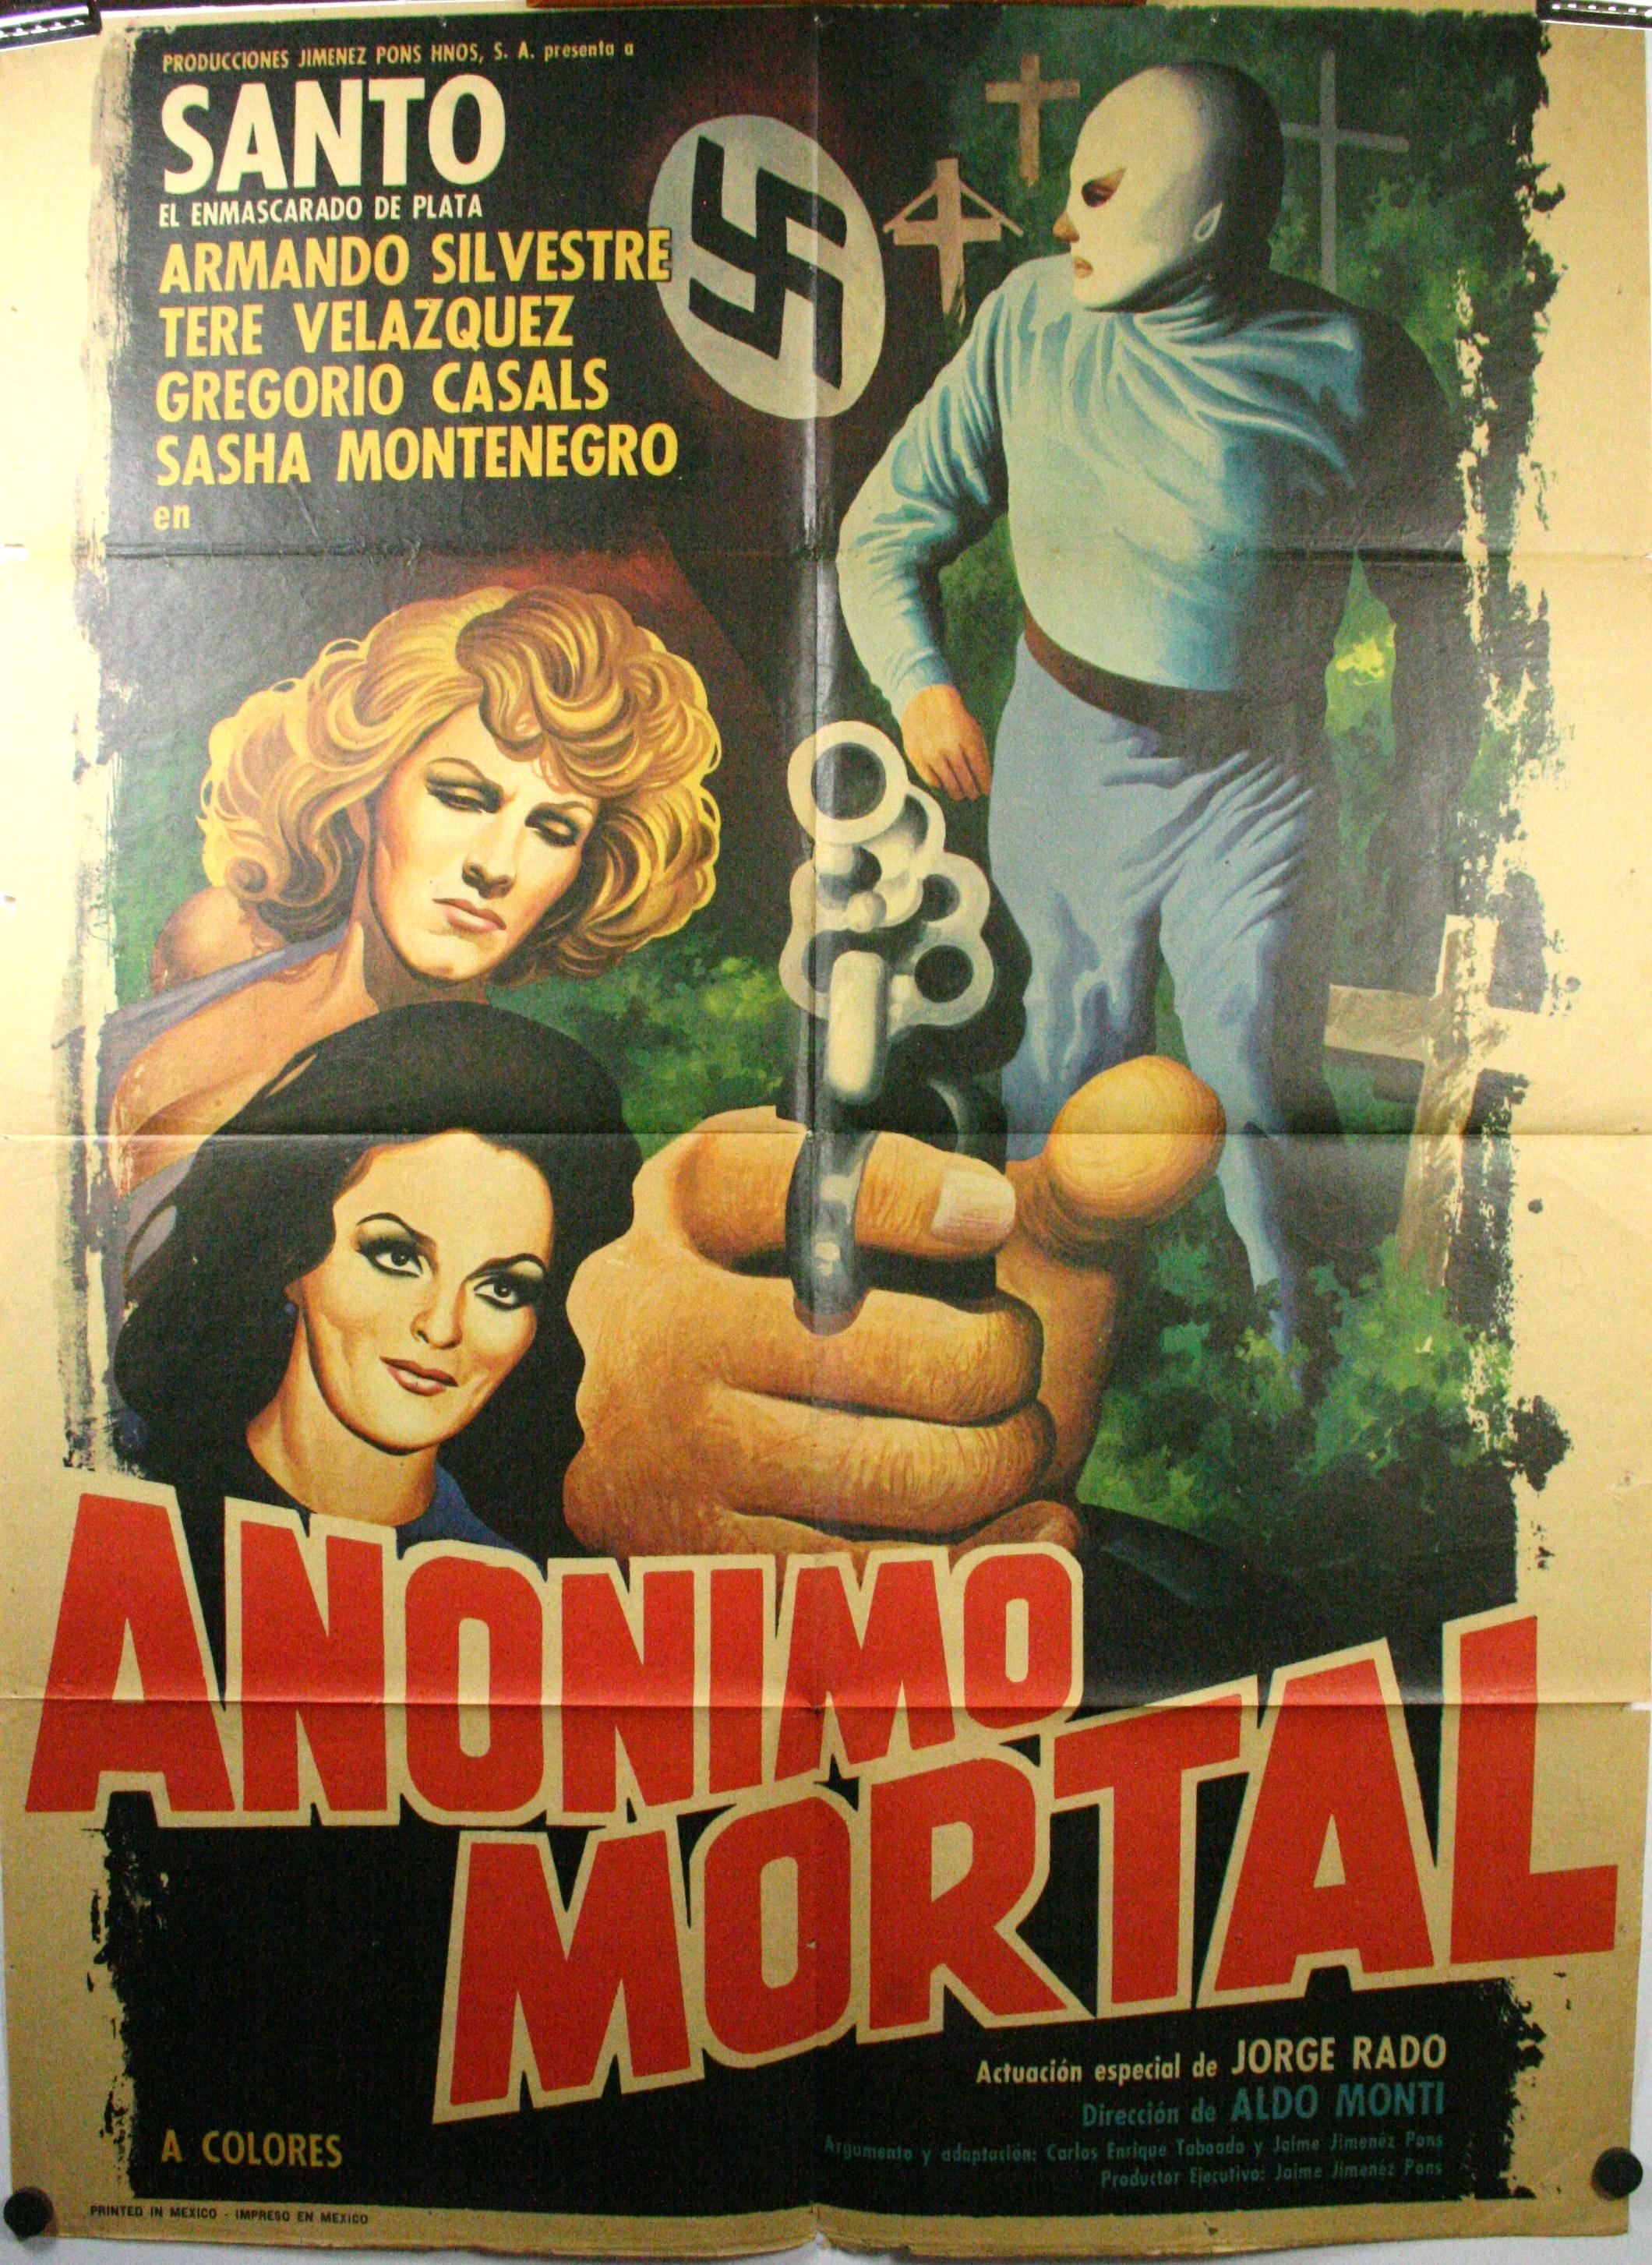 anonimo mortal original santo mexican wrestling poster